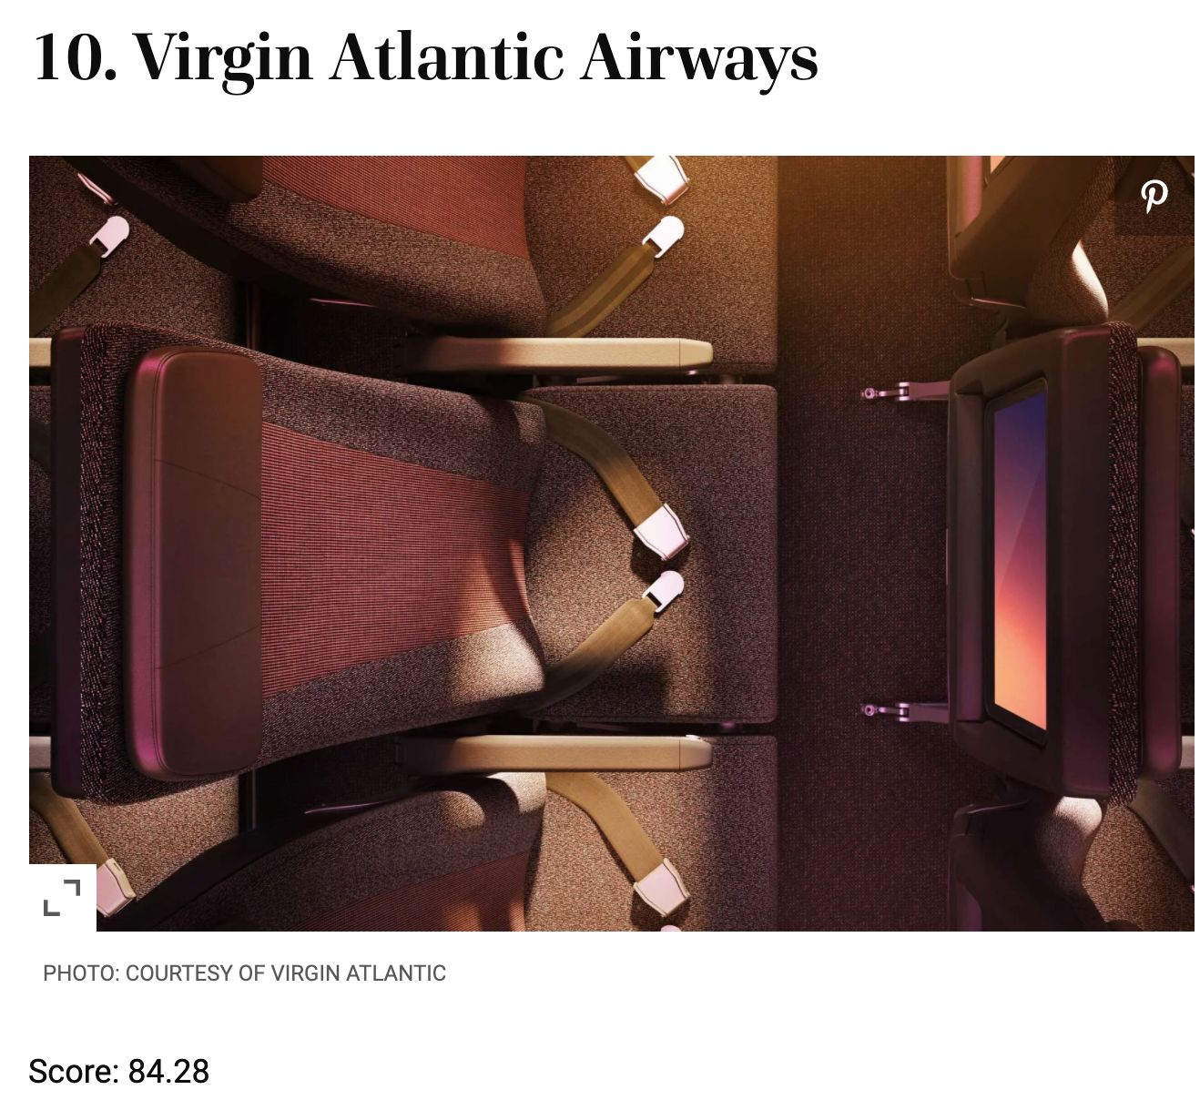 2020票選世界十大航空公司|你猜第一名是誰?travel+ leisure投票結果公佈~ @走走停停,小燈泡在旅行